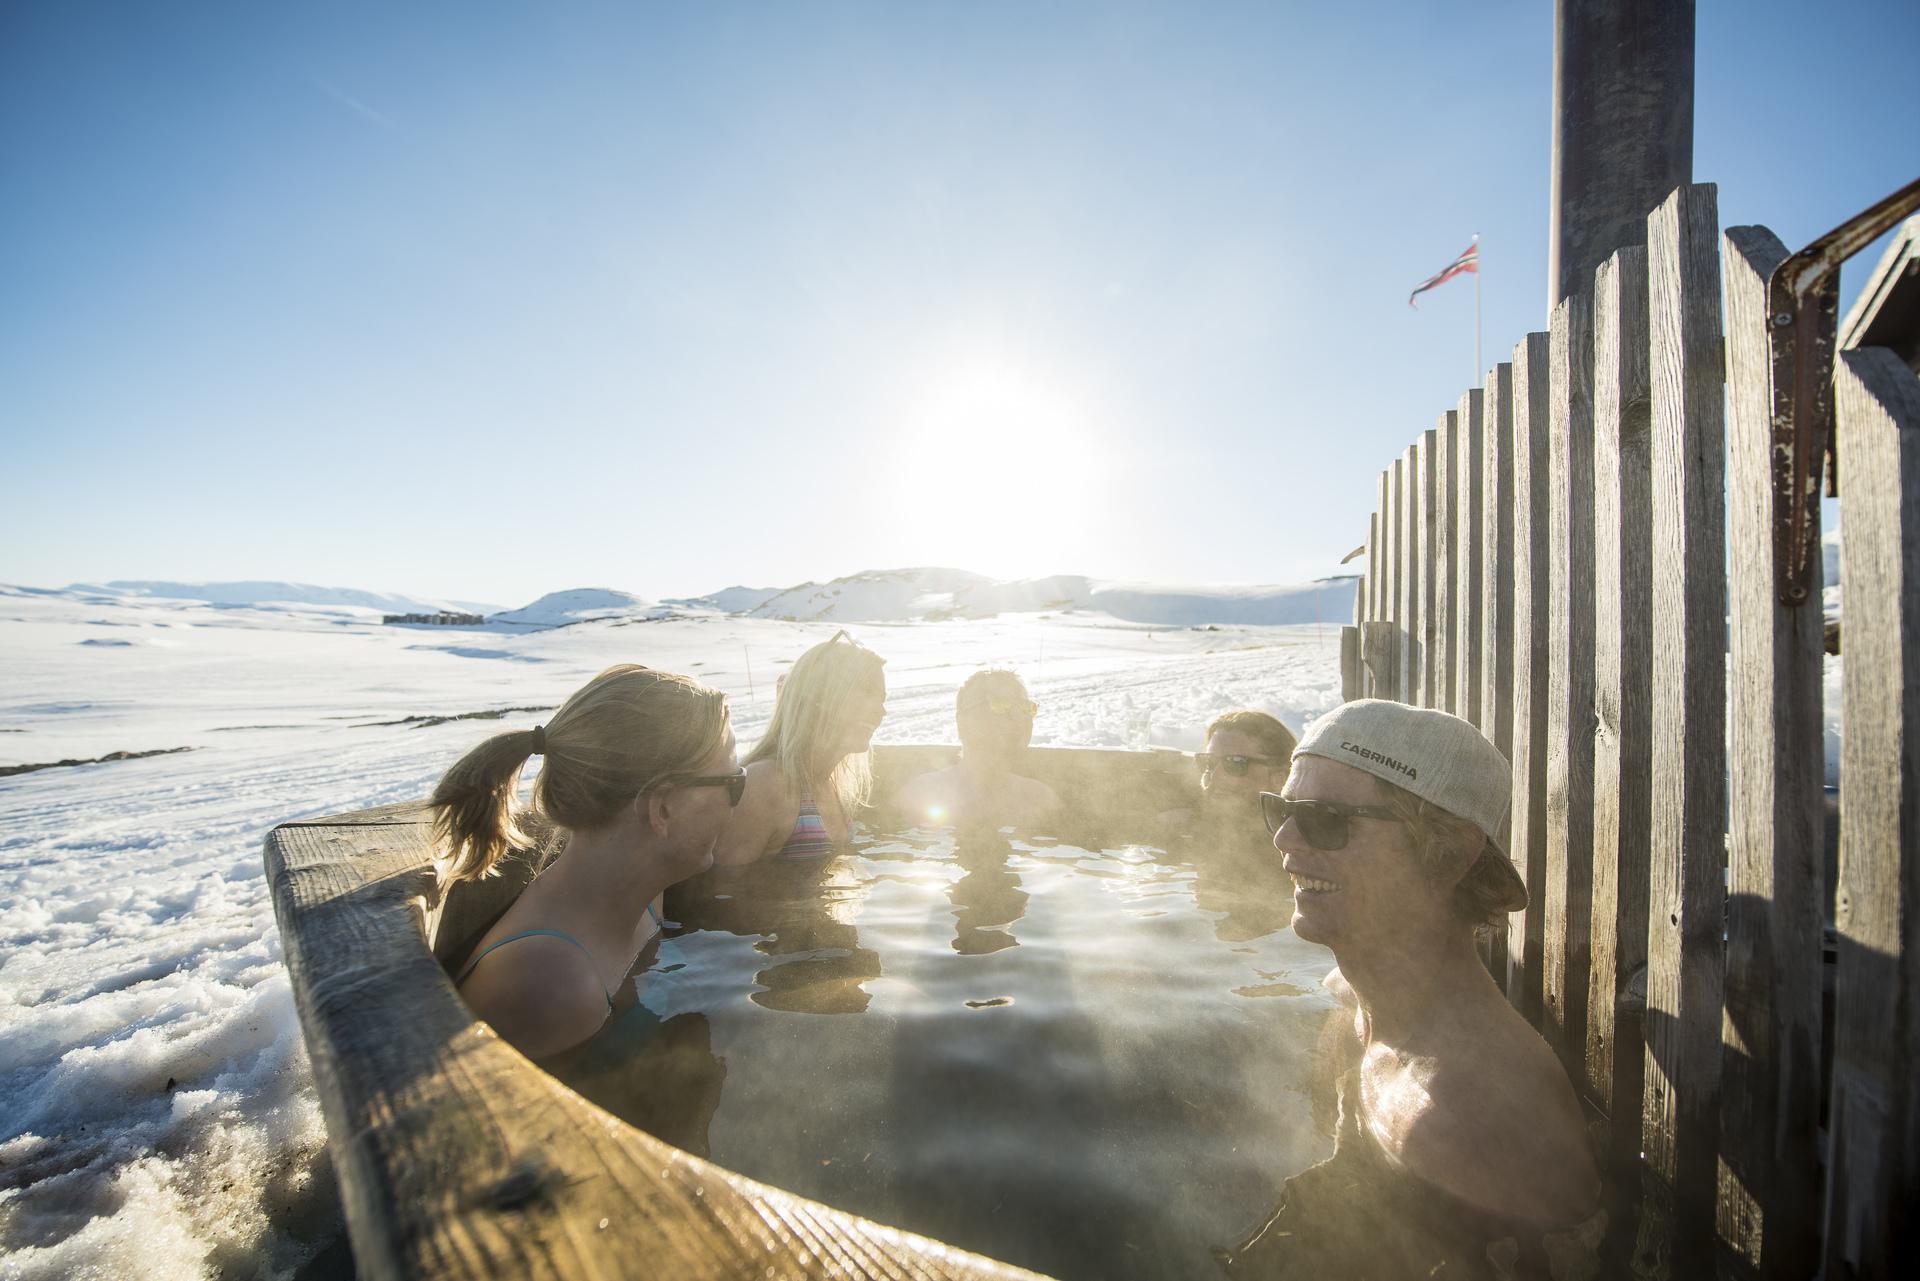 Gjeng i badestampen, rykende vann og snø i bakgrunn, norskt flagg som vaier i fjellheimen